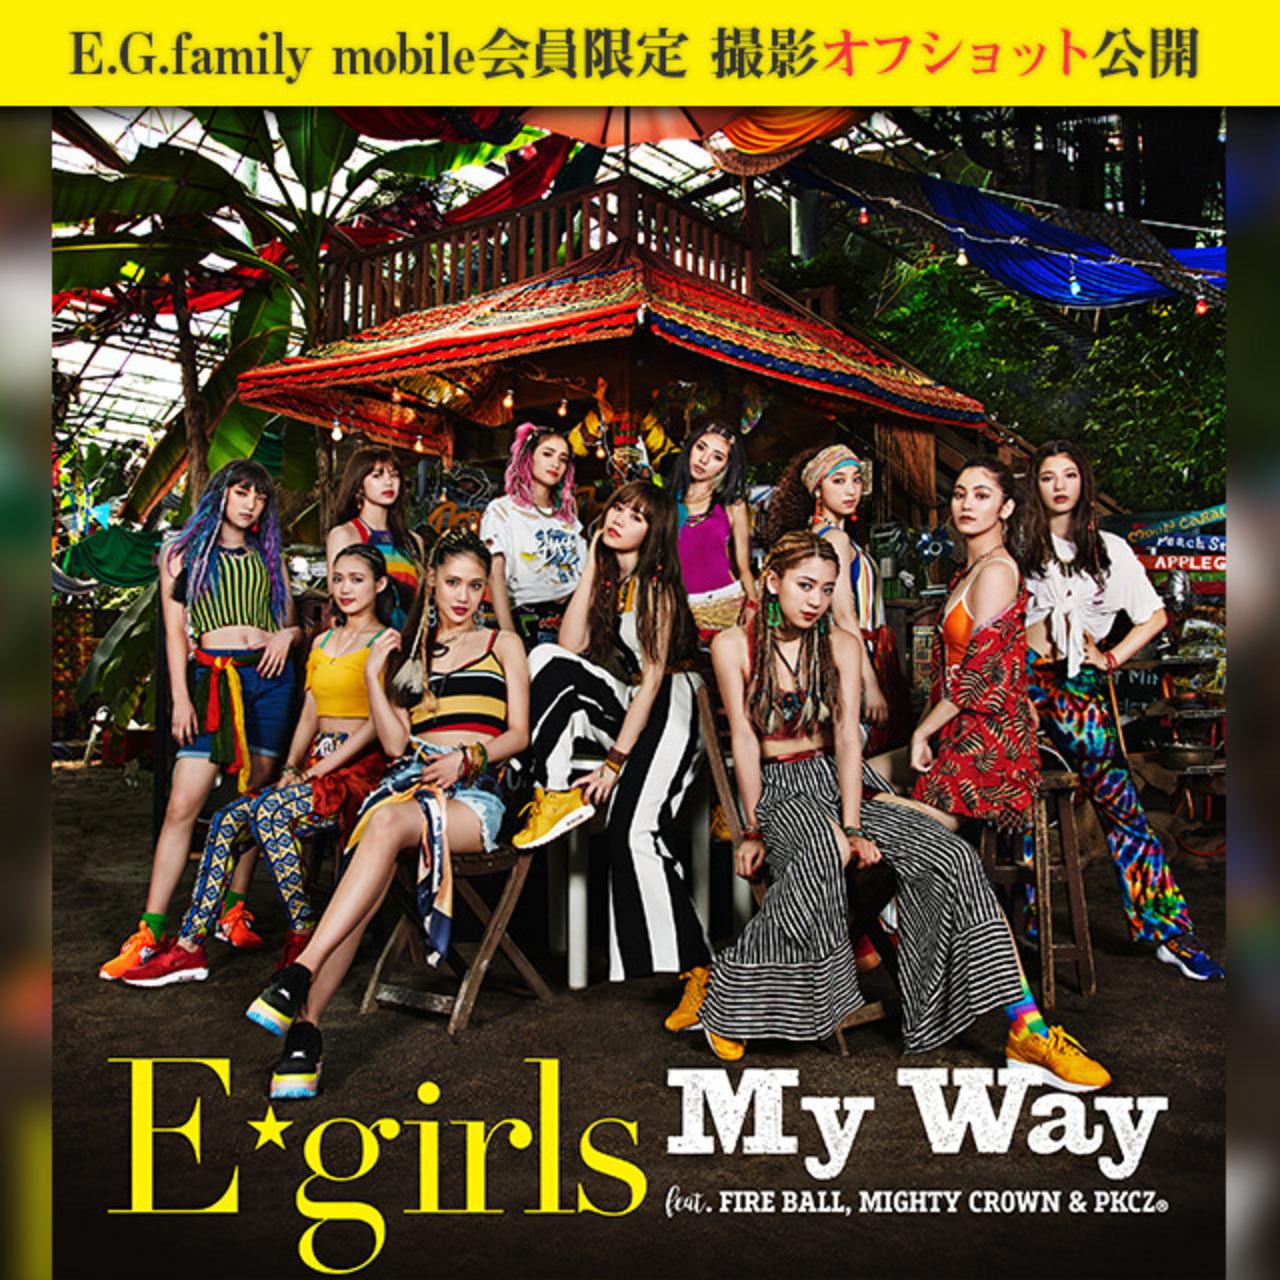 佐藤晴美 E G Family Mobile